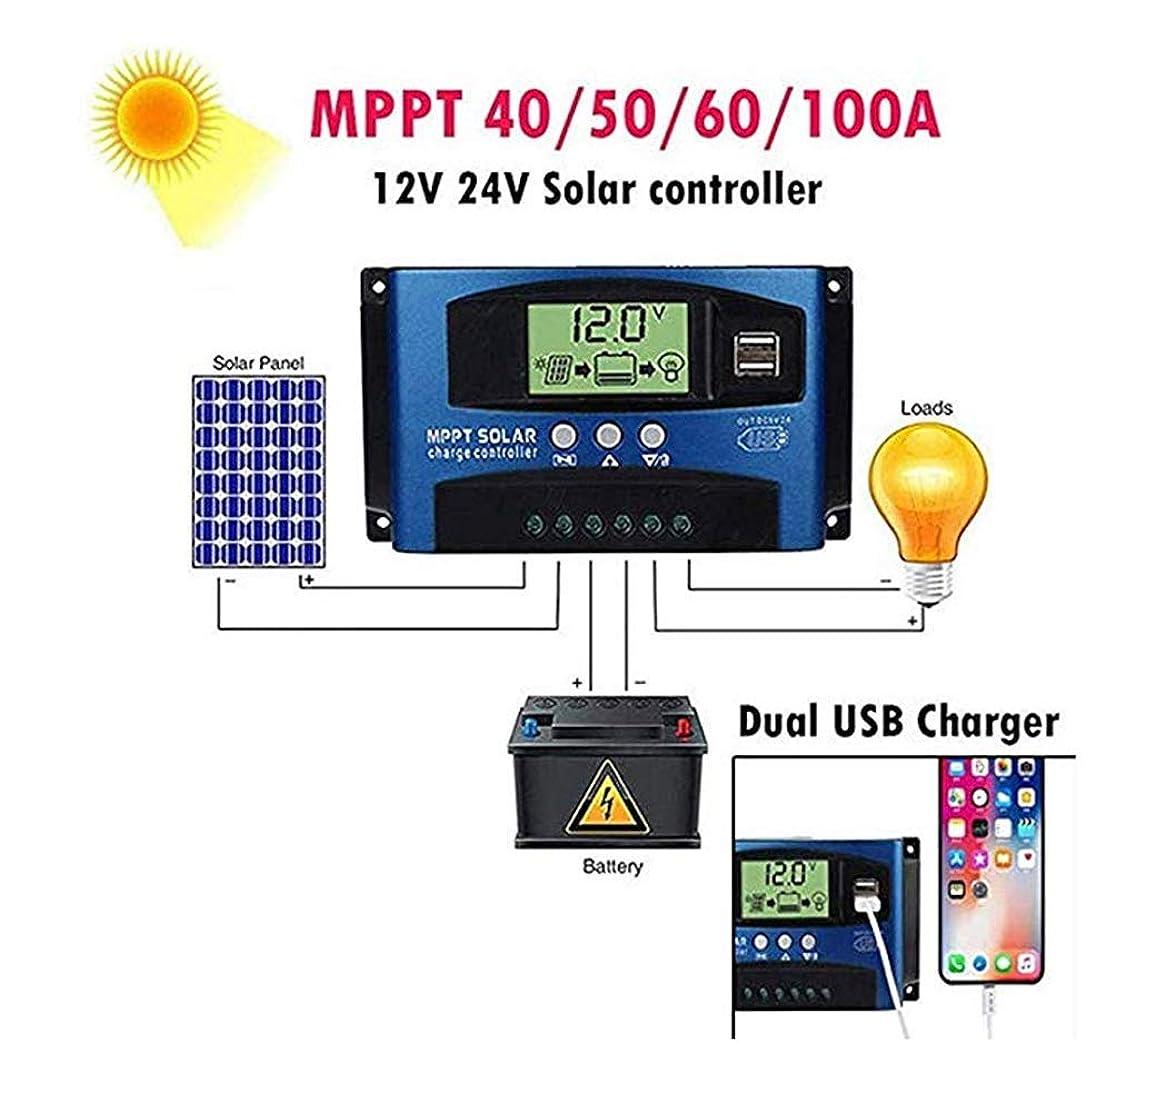 トラブル直径最も遠いソーラーチャージャーコントローラー 12V/24V チャージコントローラー LCD 充電 電流ディスプレイ 液晶 ソーラーコントローラ デュアル 自動調整スイッチ 過負荷保護 40A/50A/60A/100A (50A) (100A)